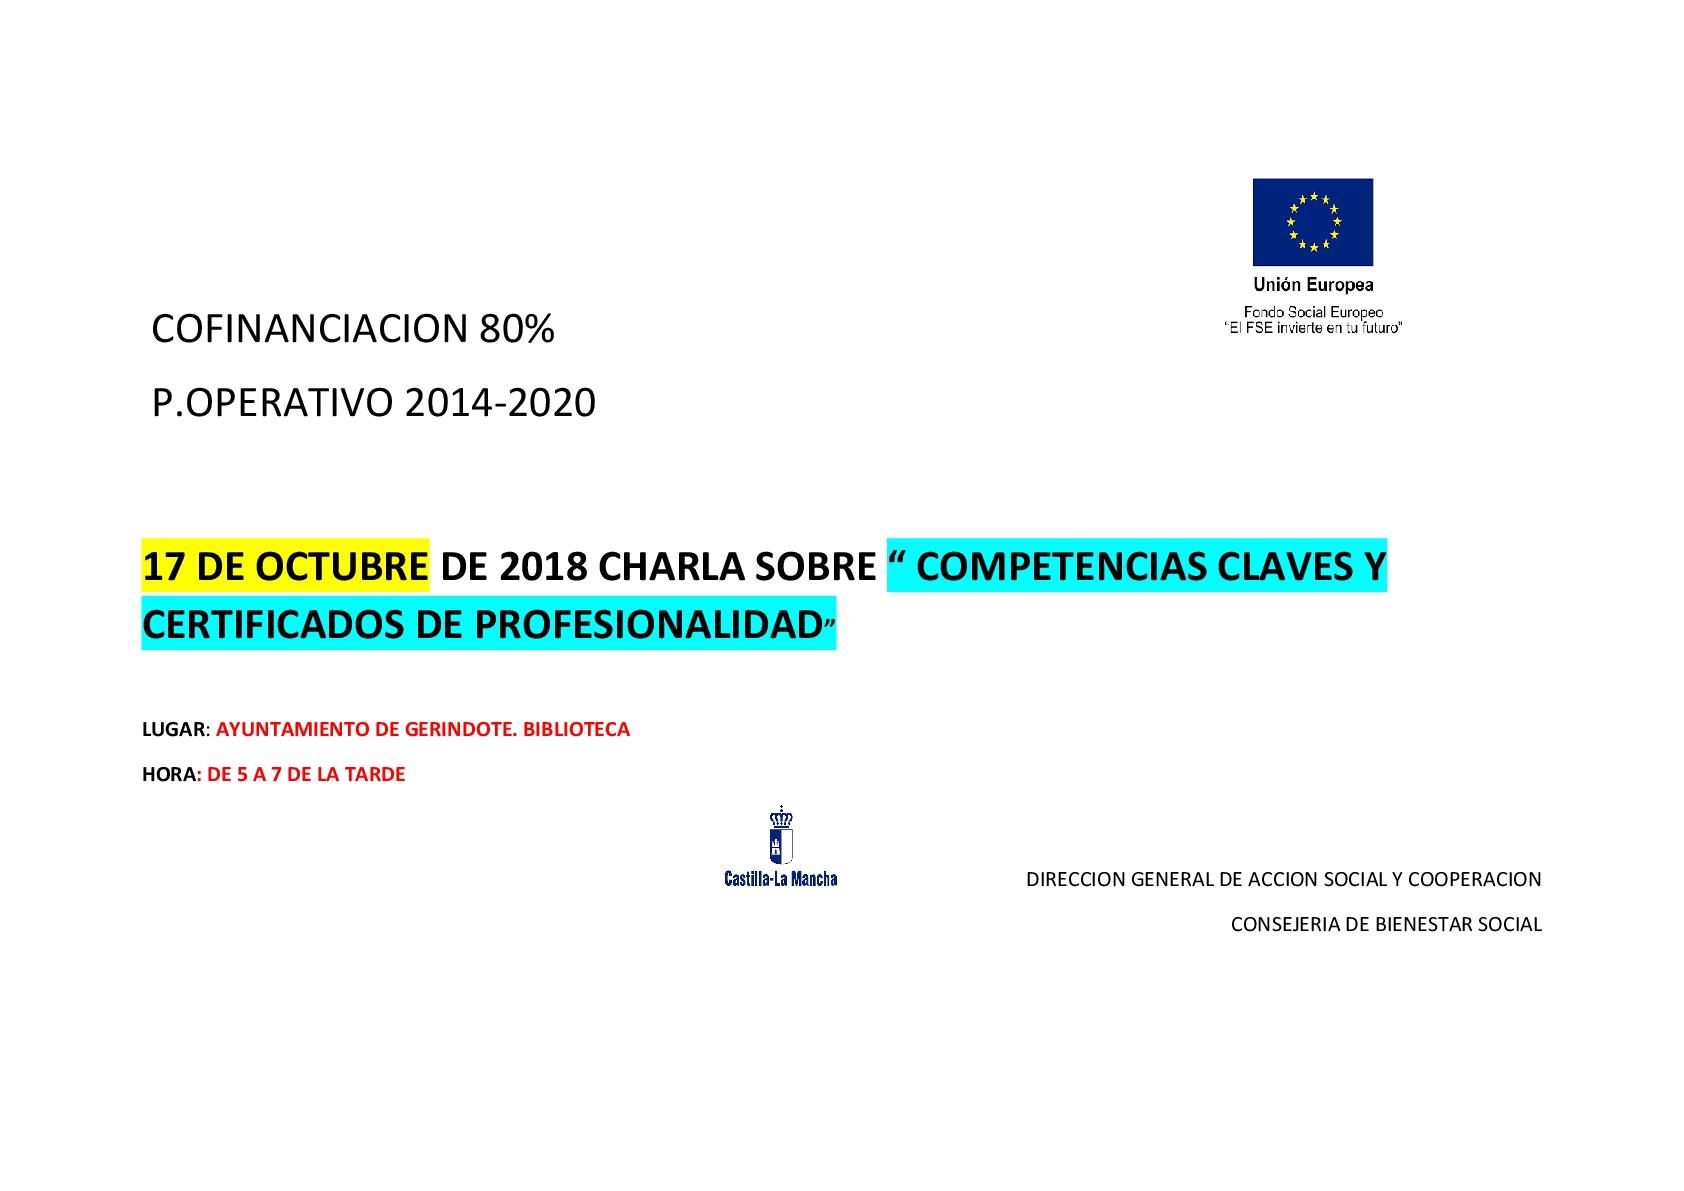 cartel-charlas-mes-de-octubre-competencias-clave-001.jpg